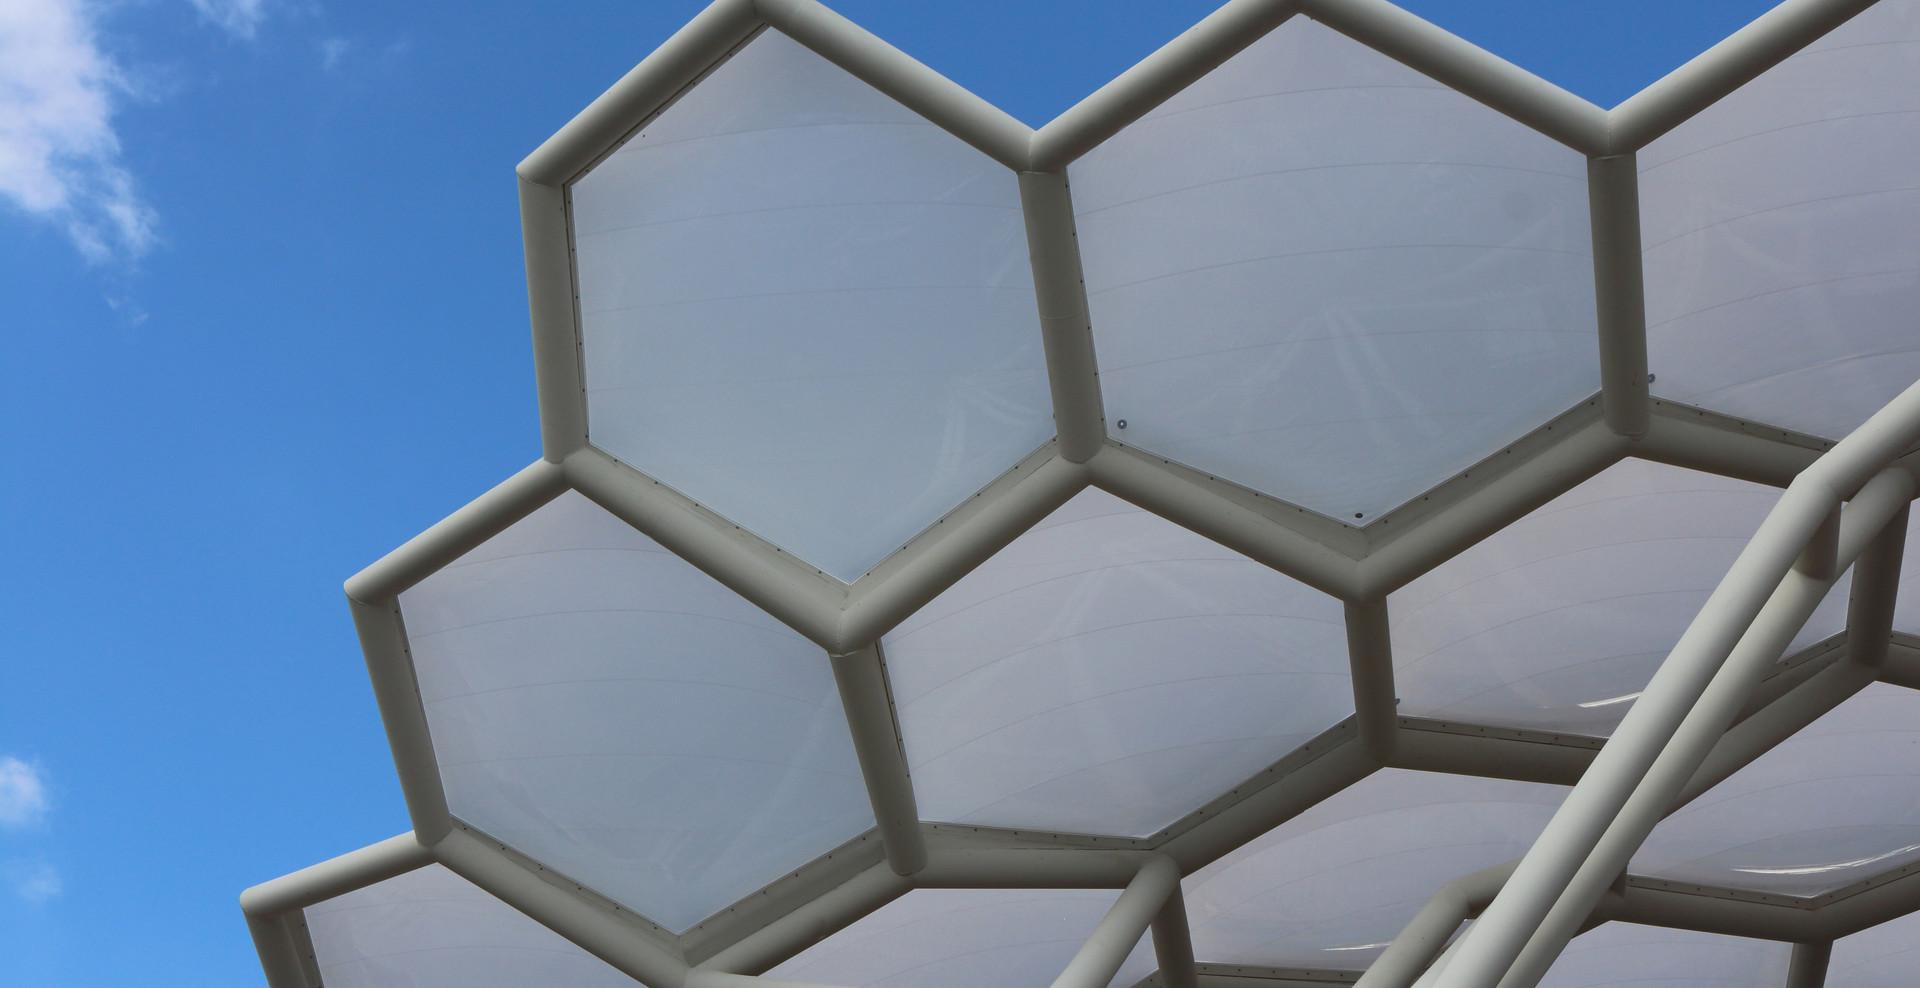 Cubierta-Textile Architektur14.JPG